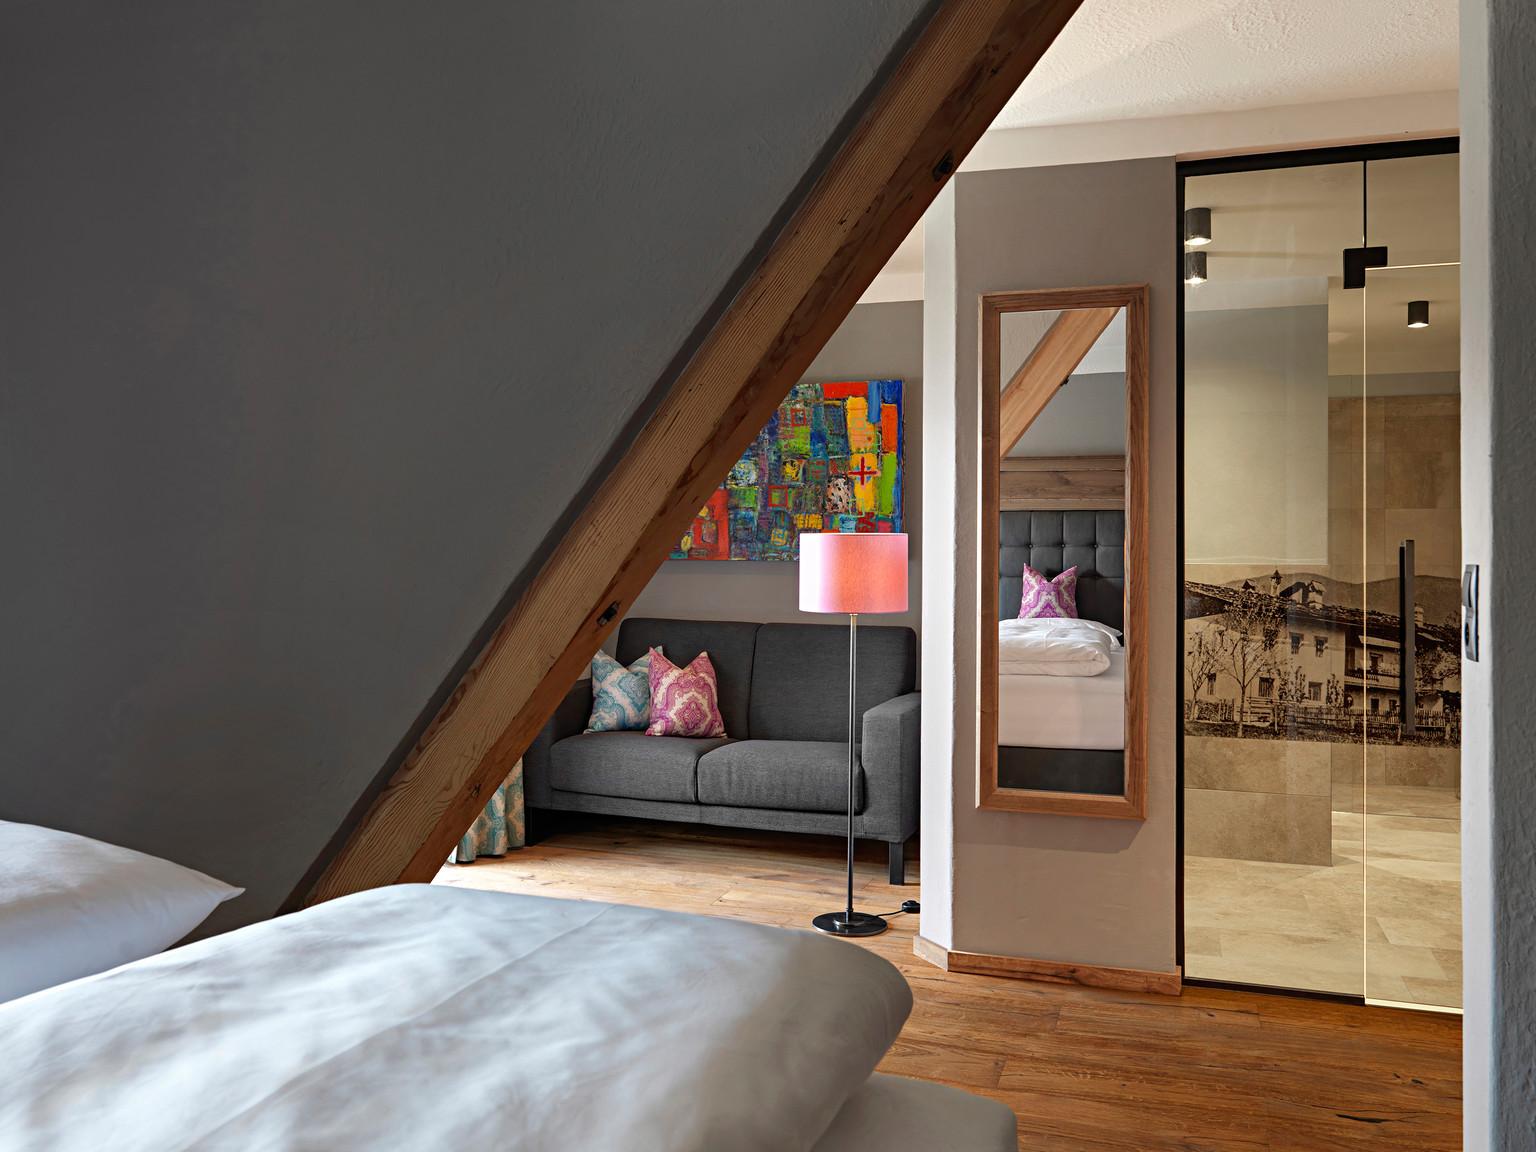 Zimmertyp Atelier